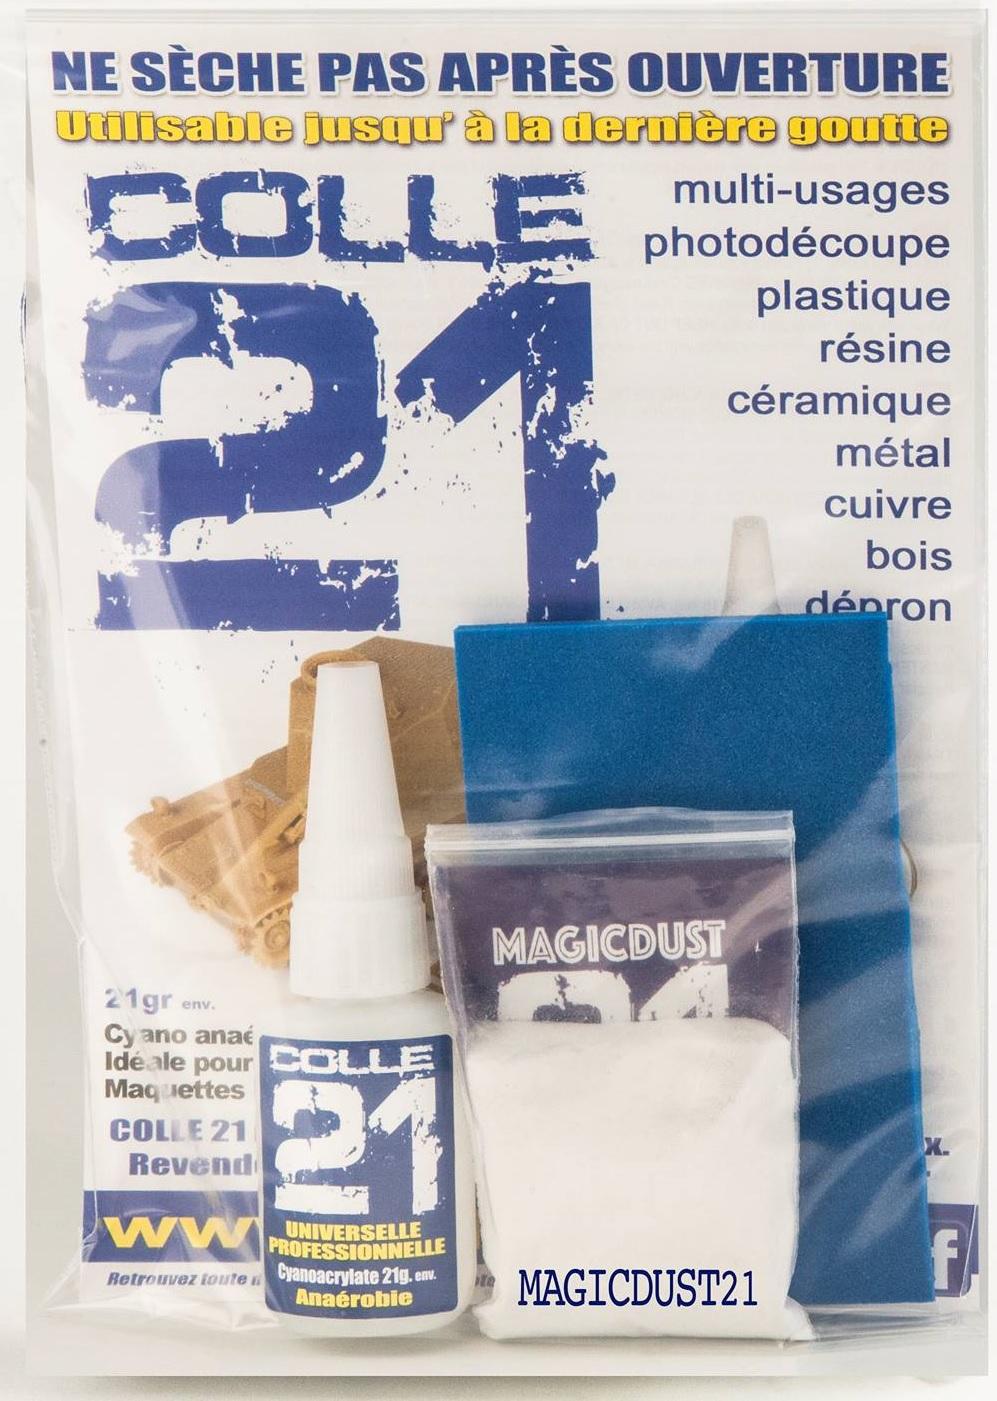 Colle21_Basis_Kit_V1